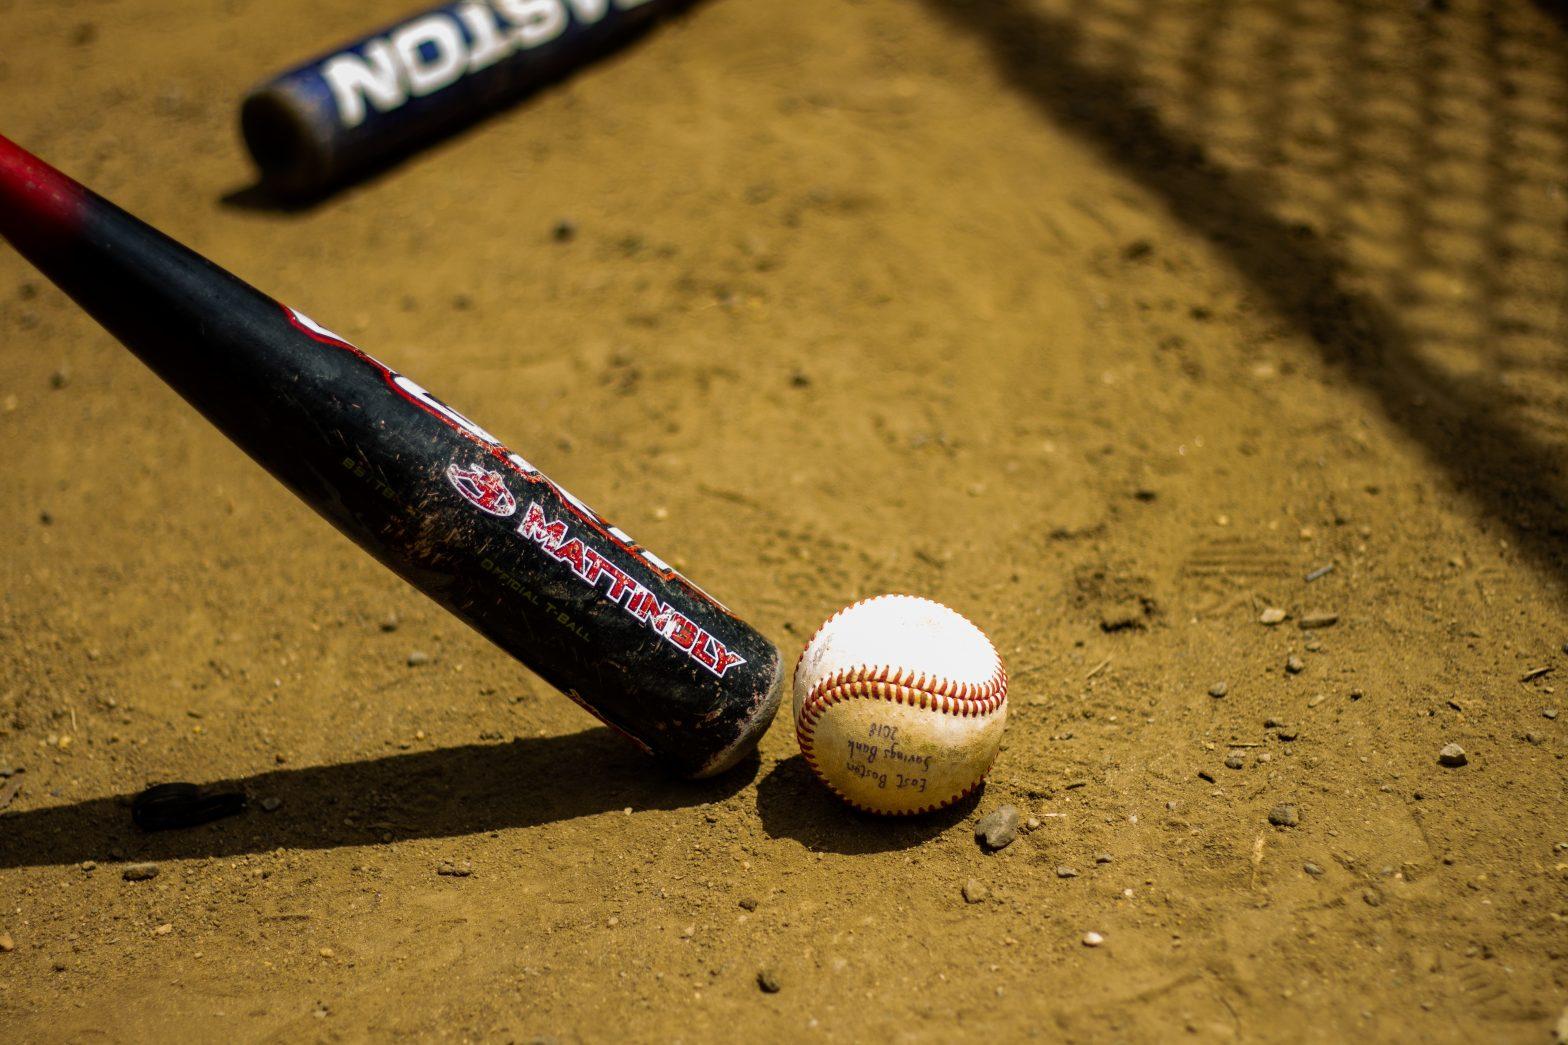 How To Fix A Ed Baseball Bat